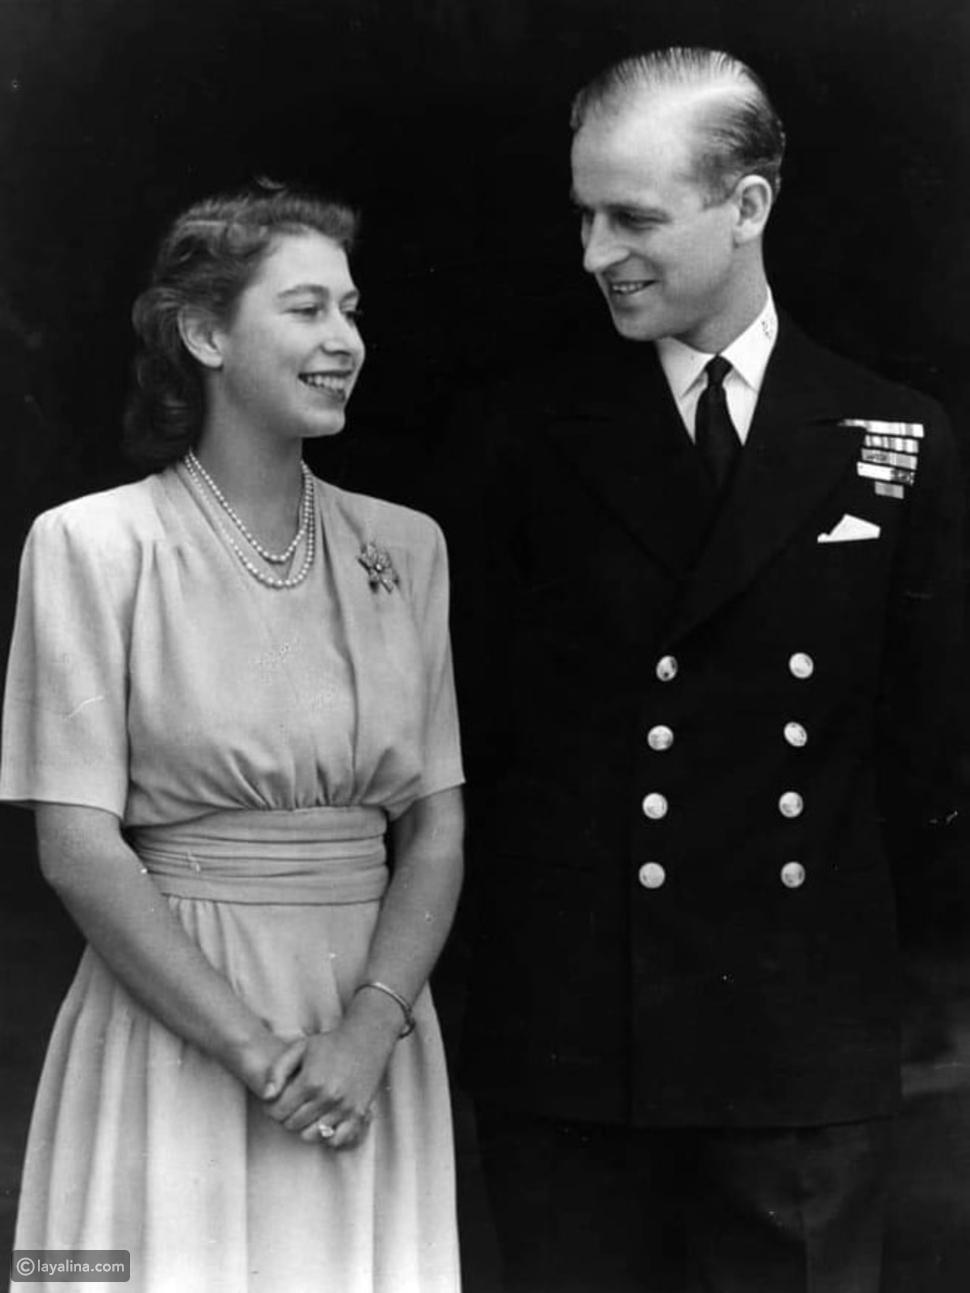 وفاة الأمير فيليب زوج الملكة إليزابيث عن عمر يناهز 100 عام